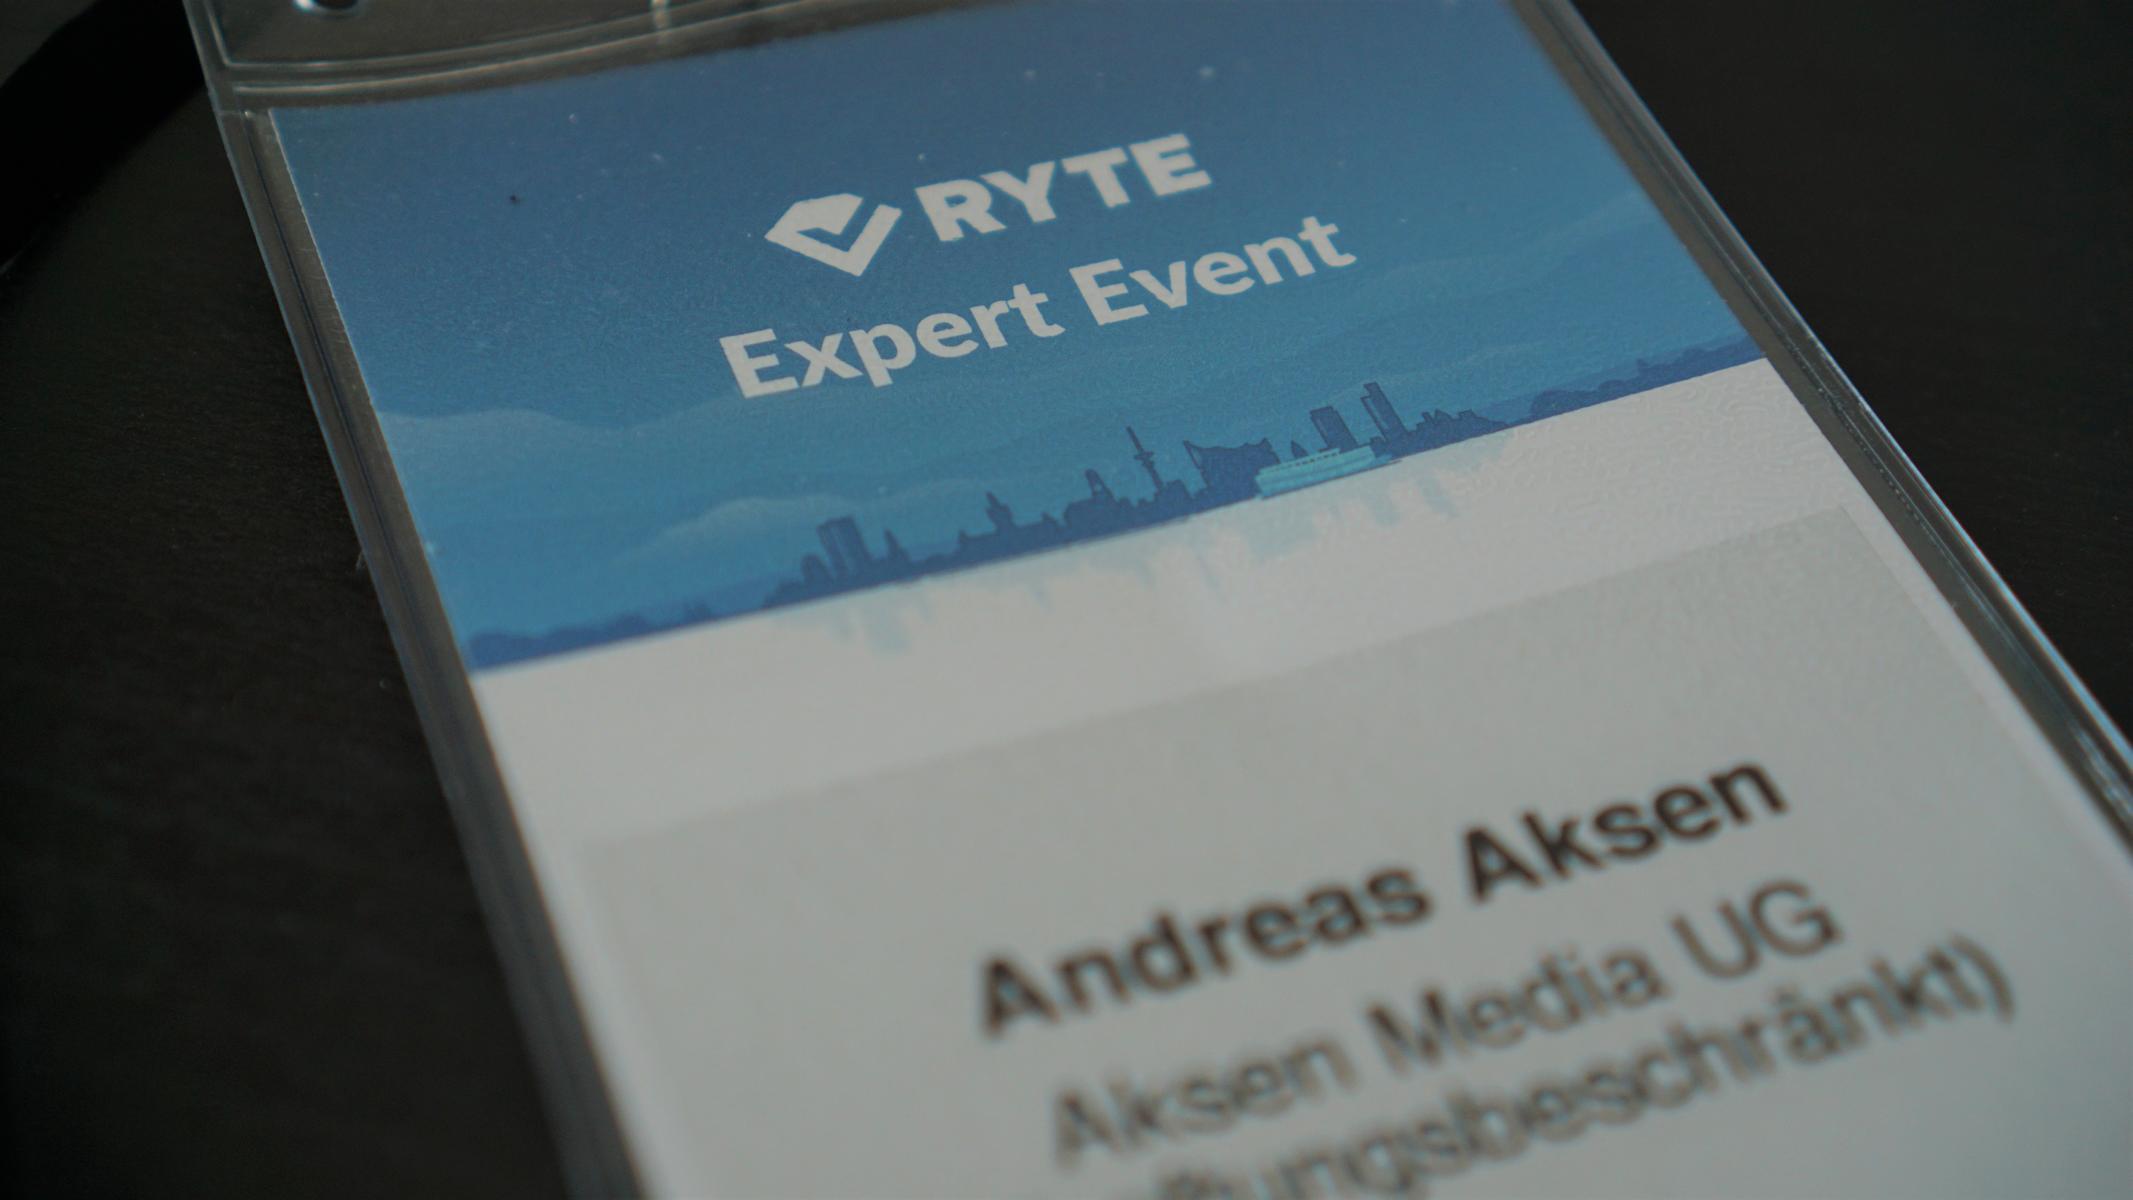 Ryte-Expert-Event